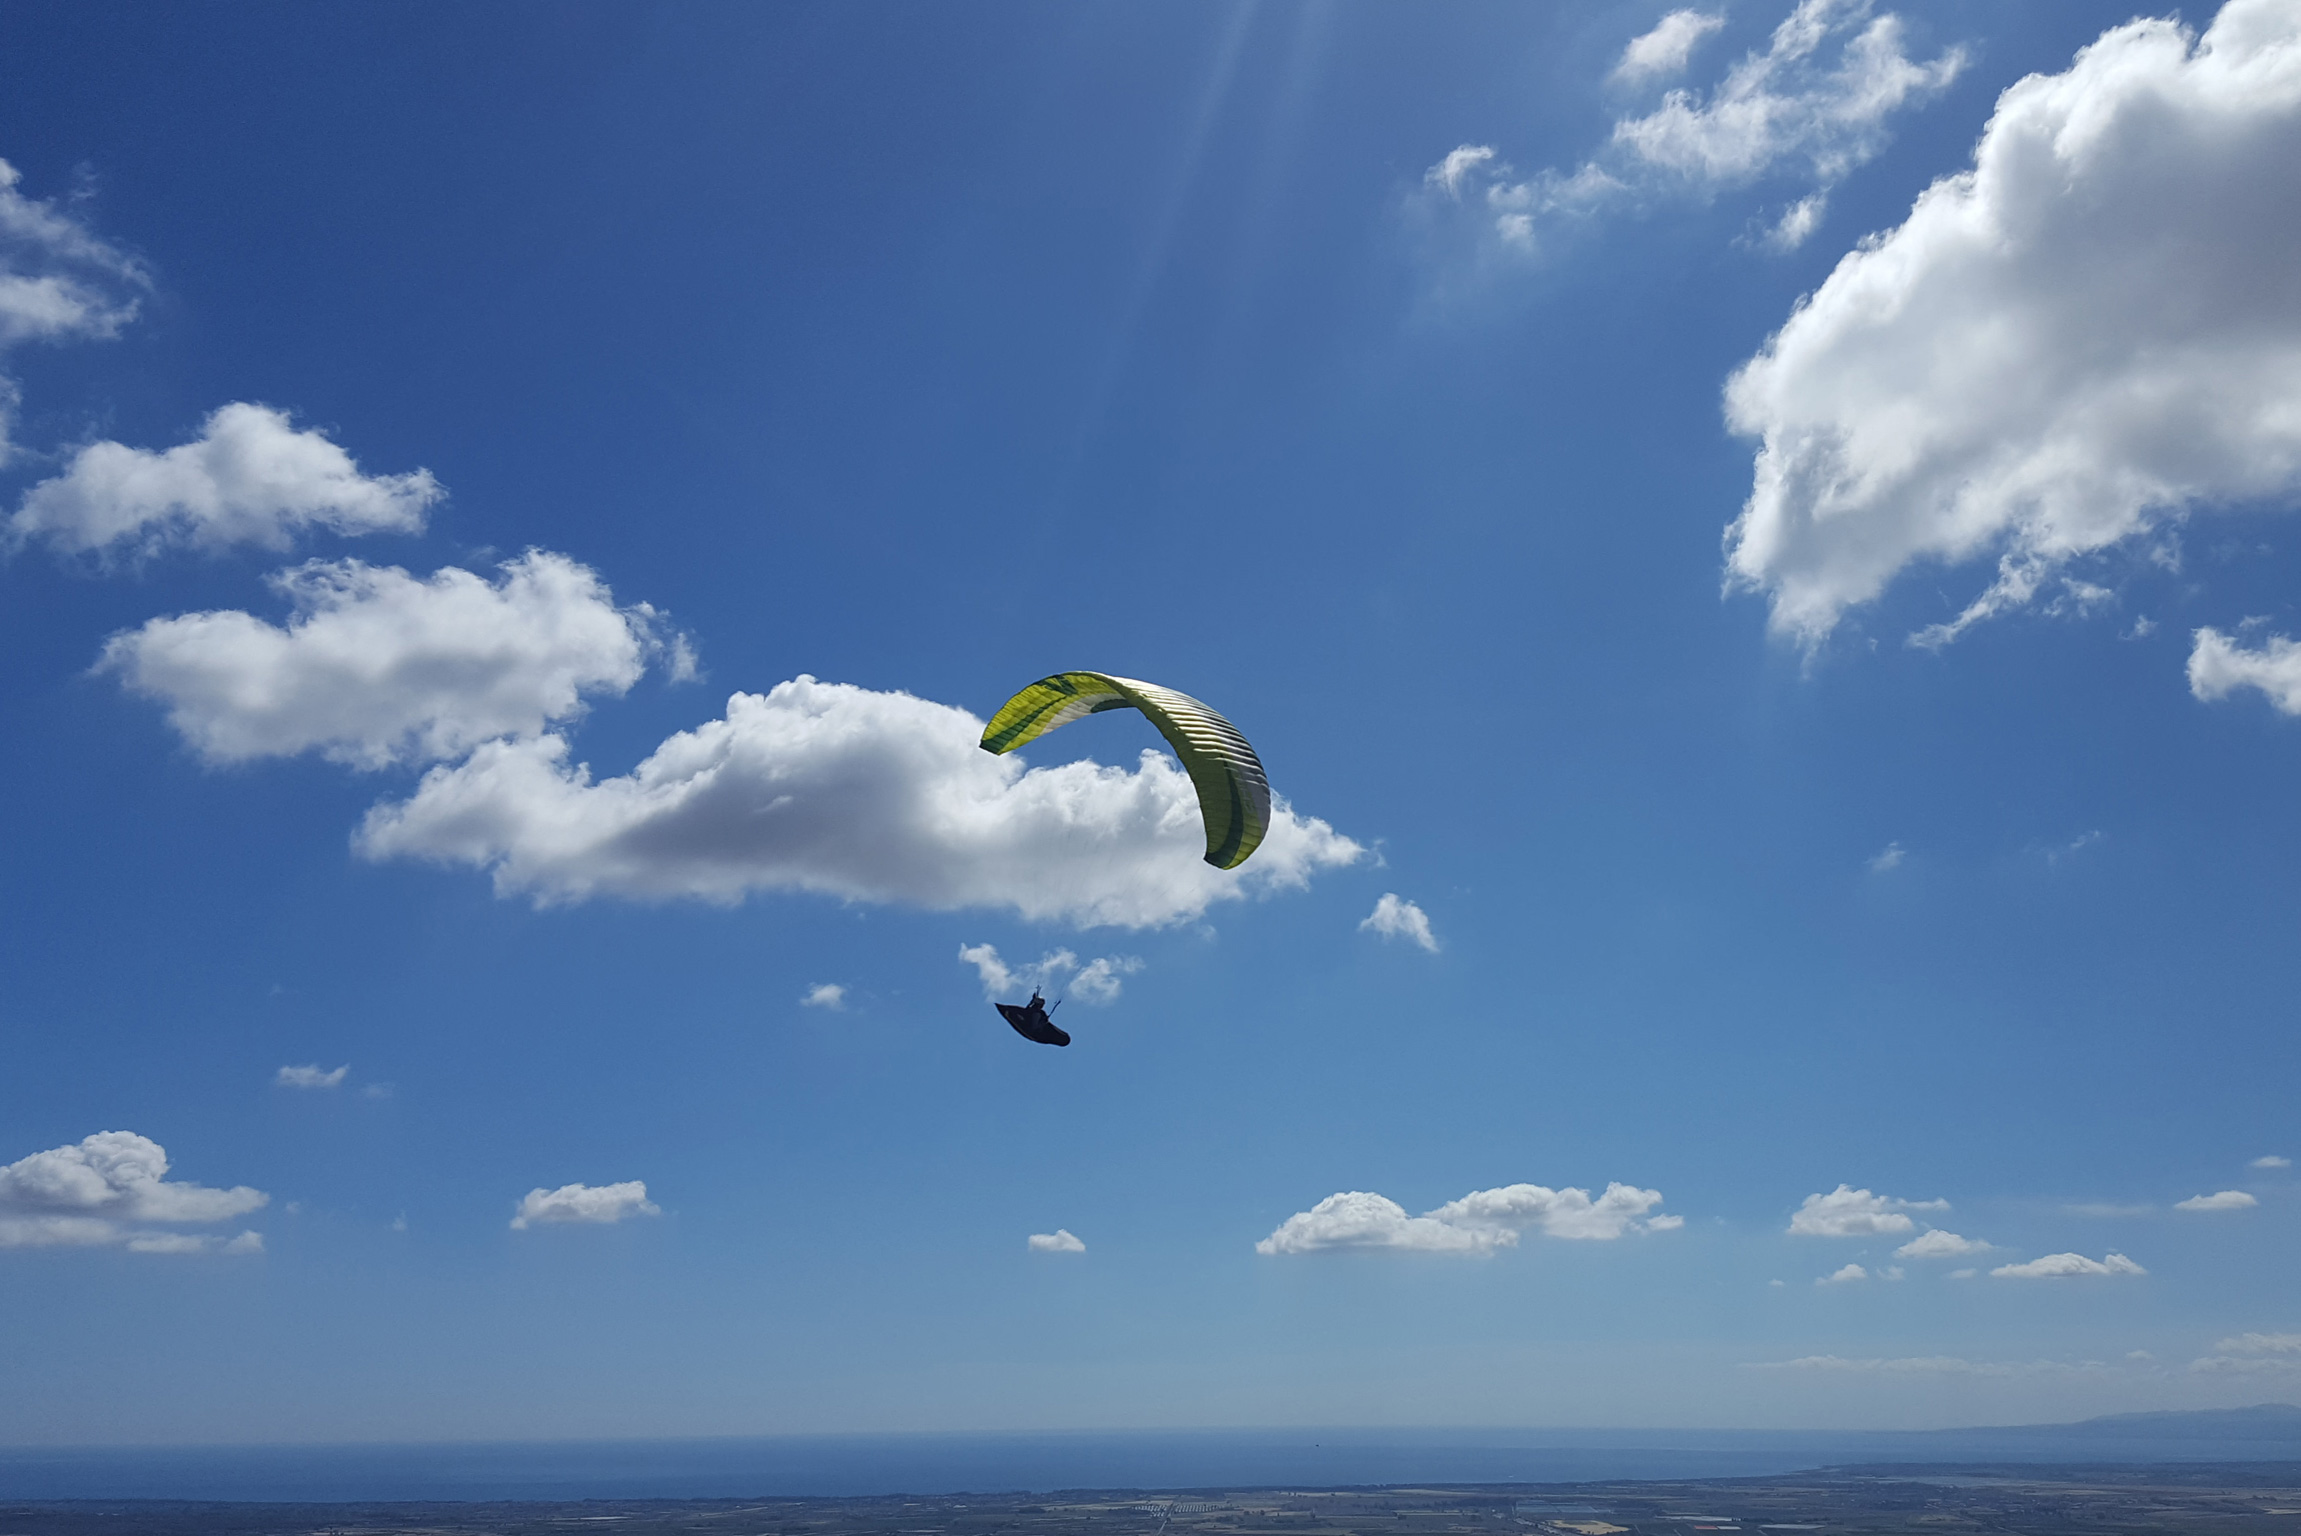 Turismo esperienziale in Calabria: volare in parapendio sulle colline di Civita